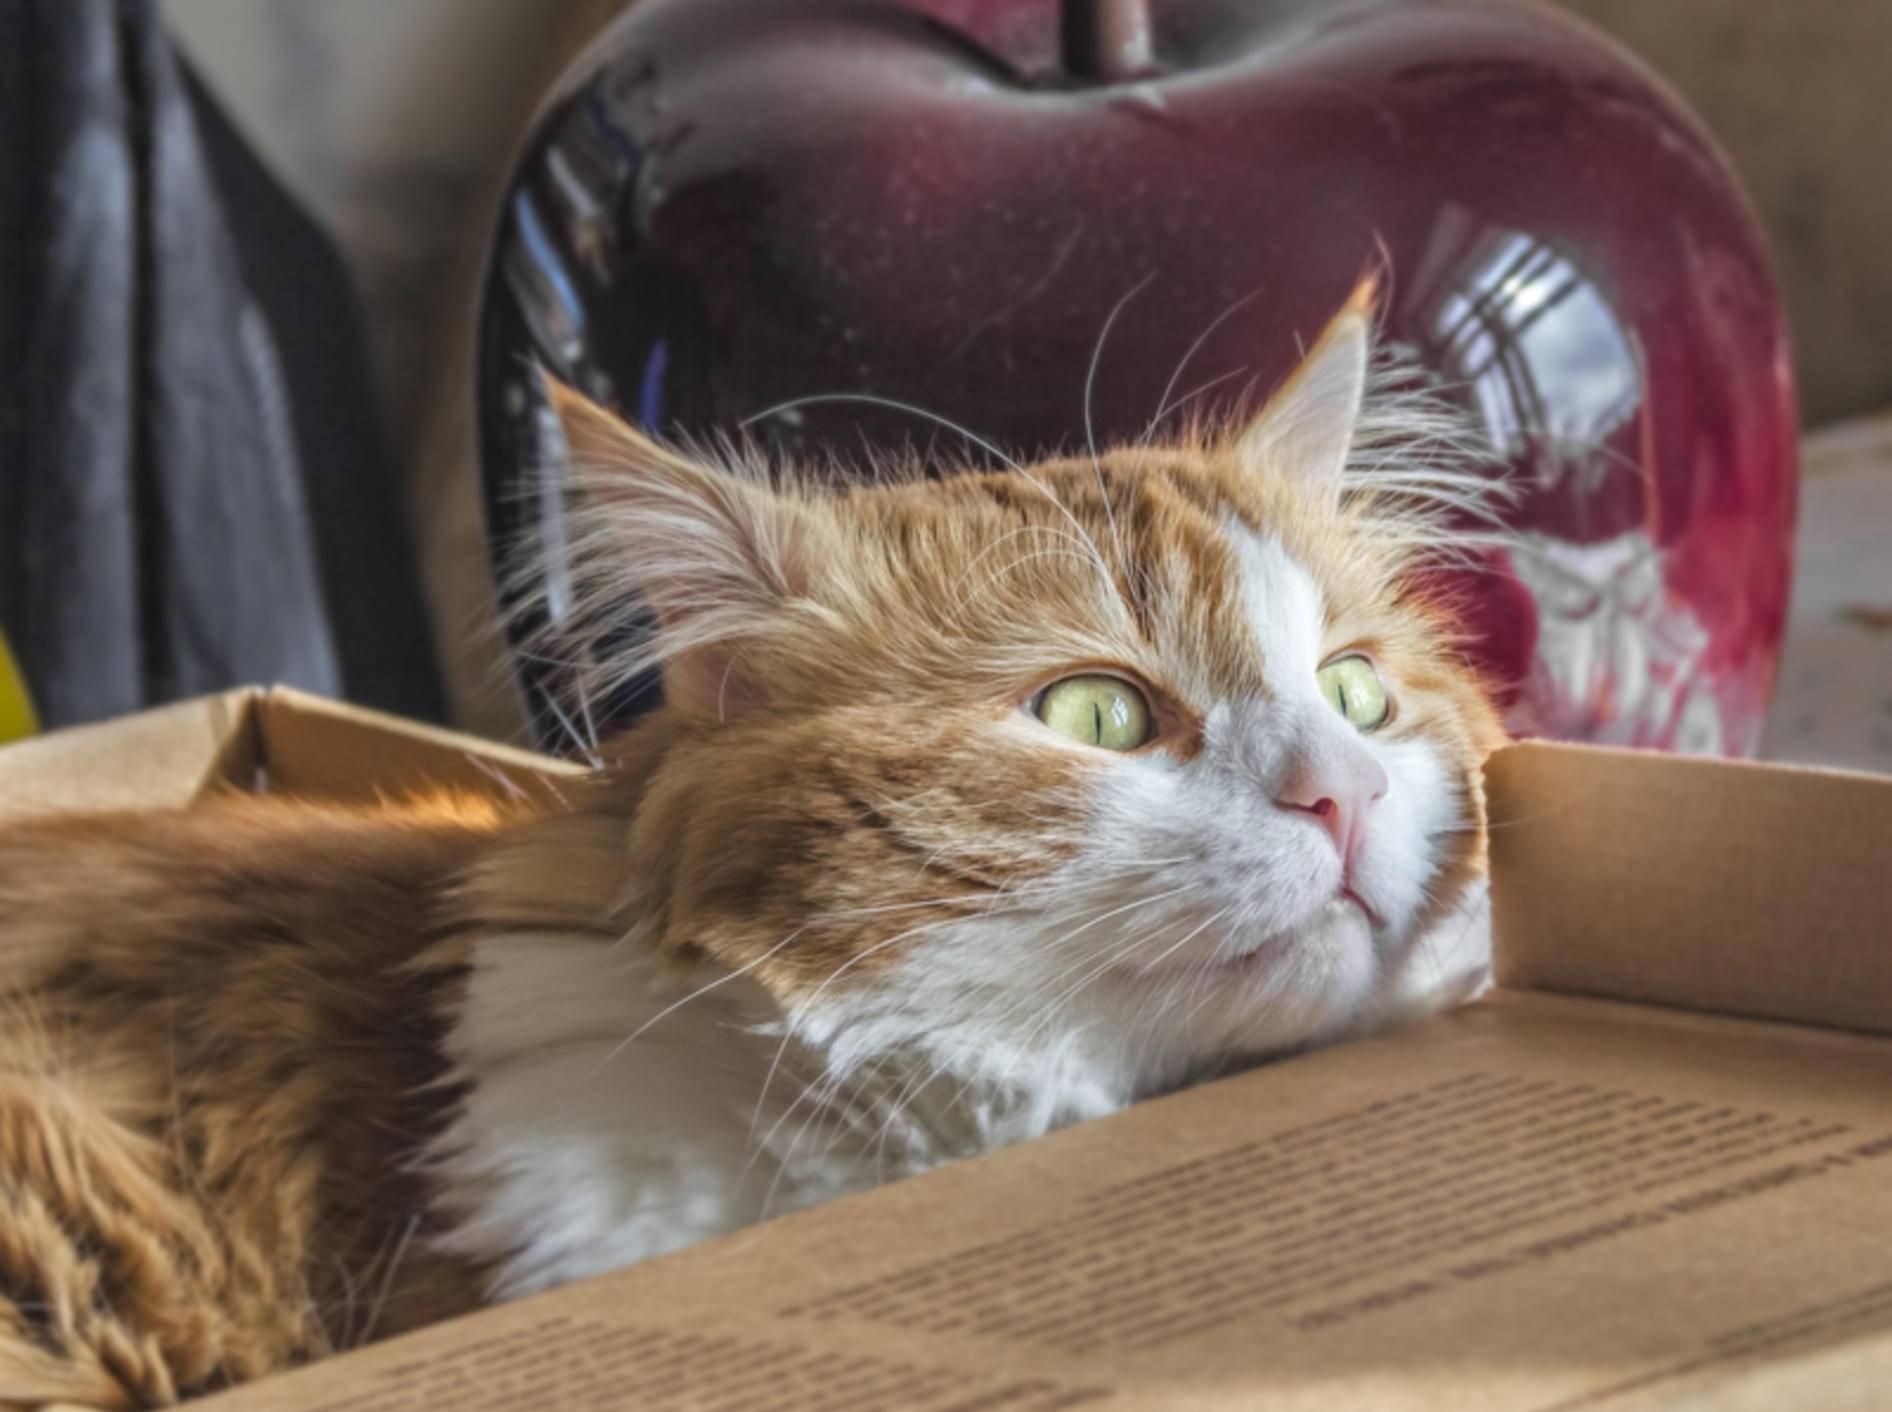 Katzen lieben es, nach verstecktem Futter zu suchen – Shutterstock / Belozerova Daria